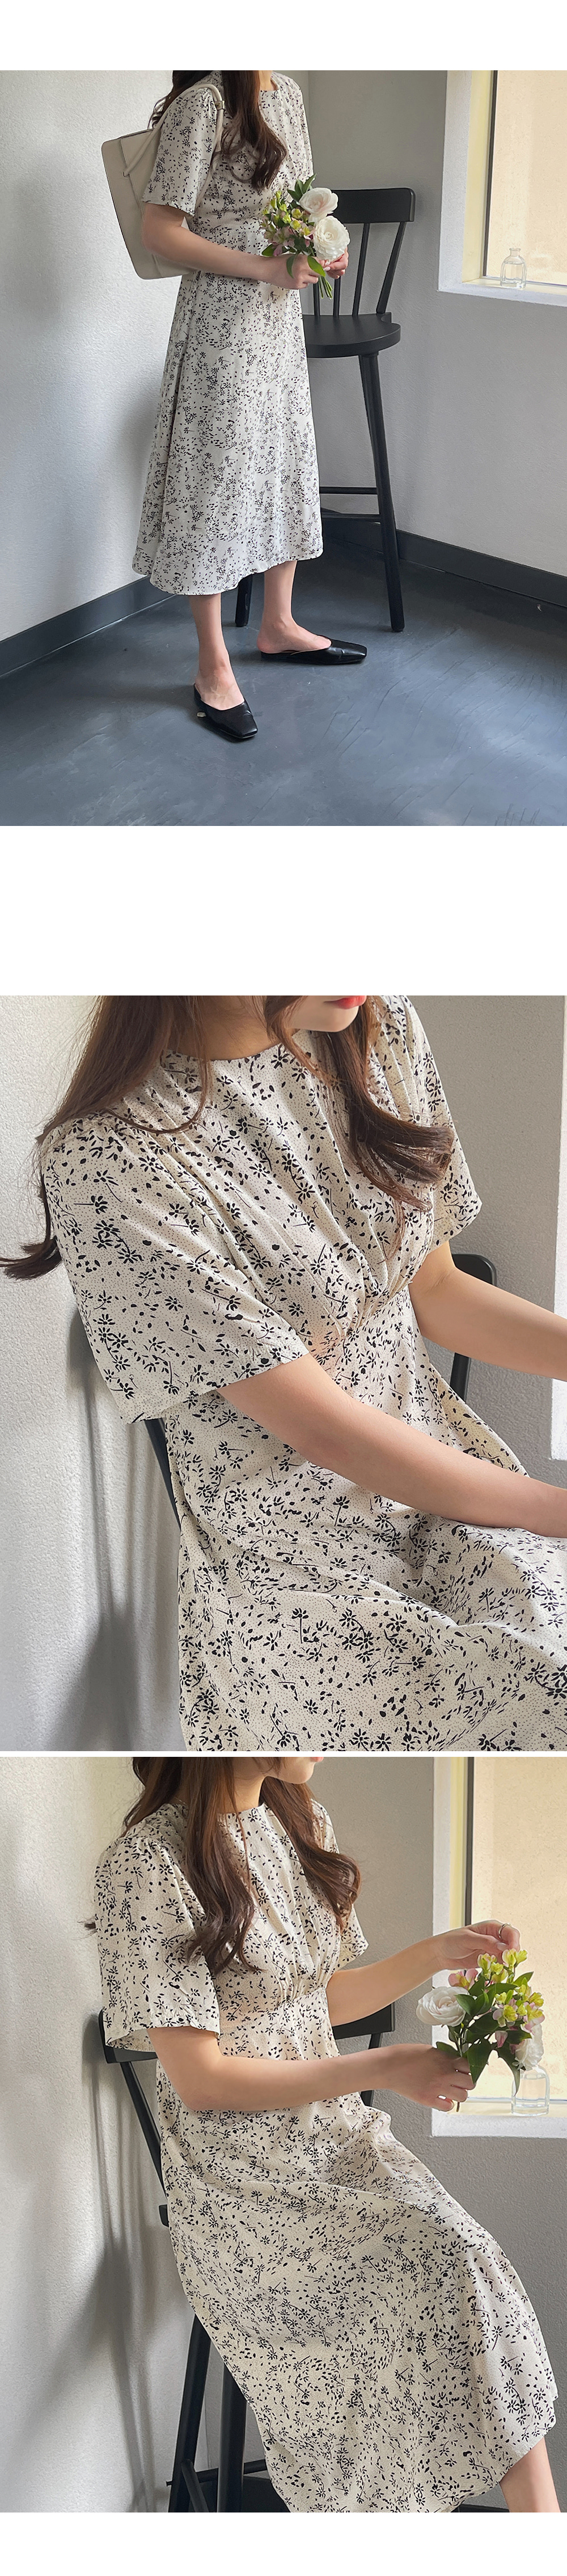 Front Shirring Floral Dress-holiholic.com